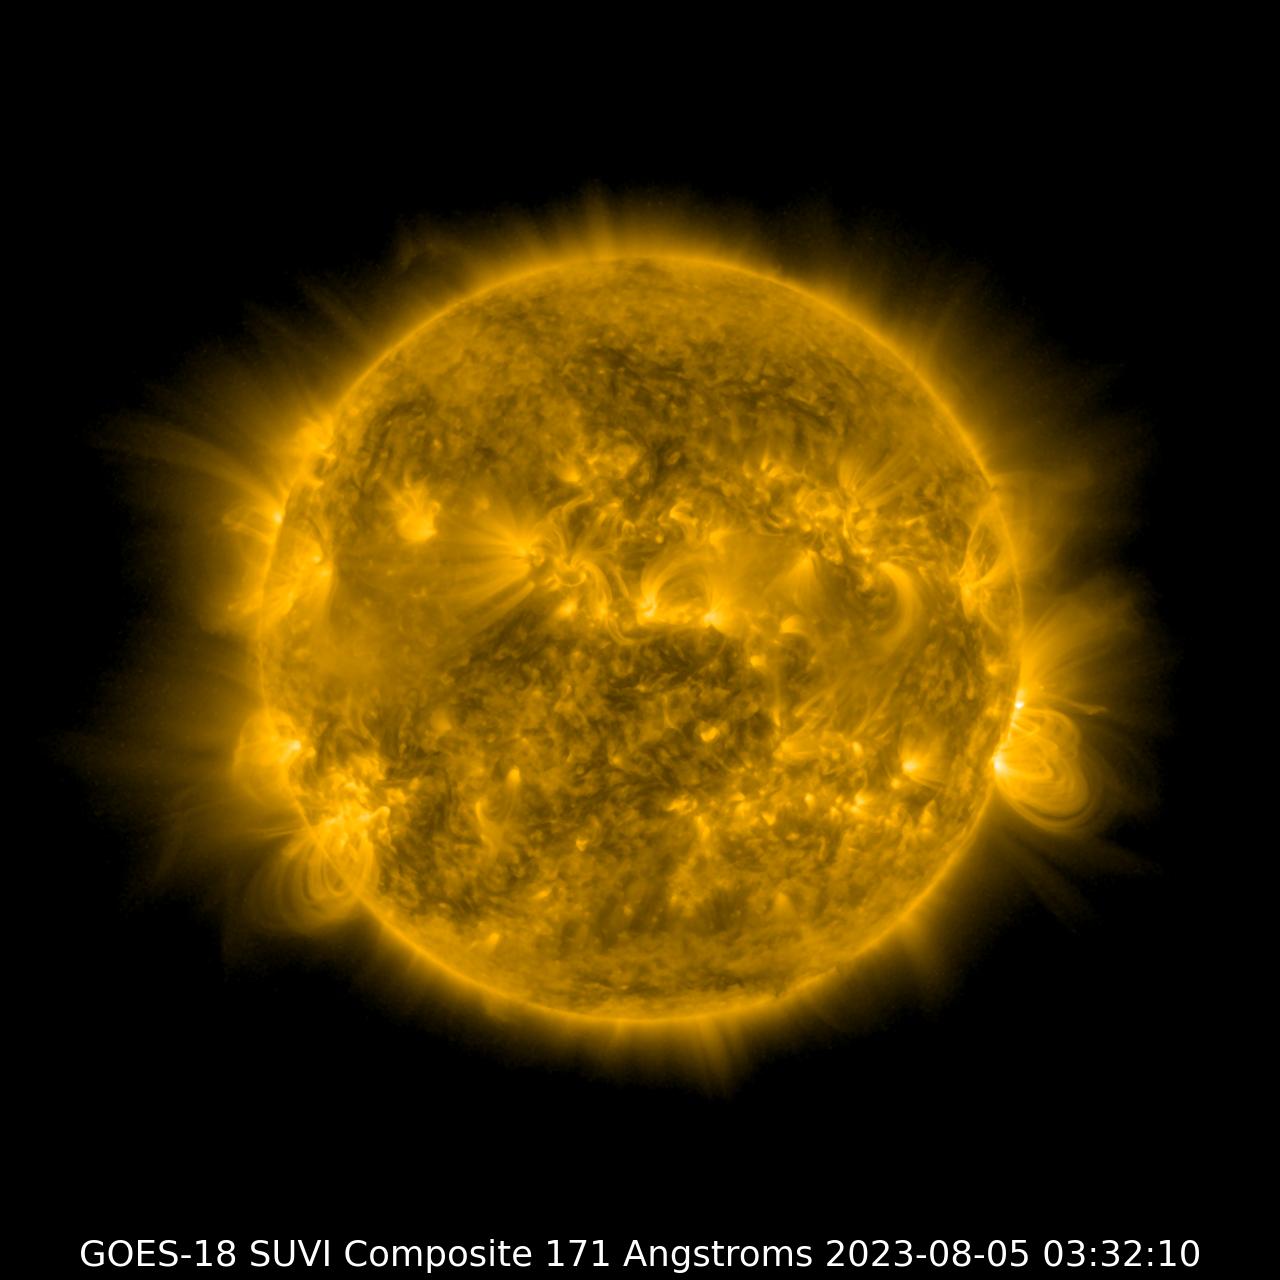 GOES-17 SUVI 171